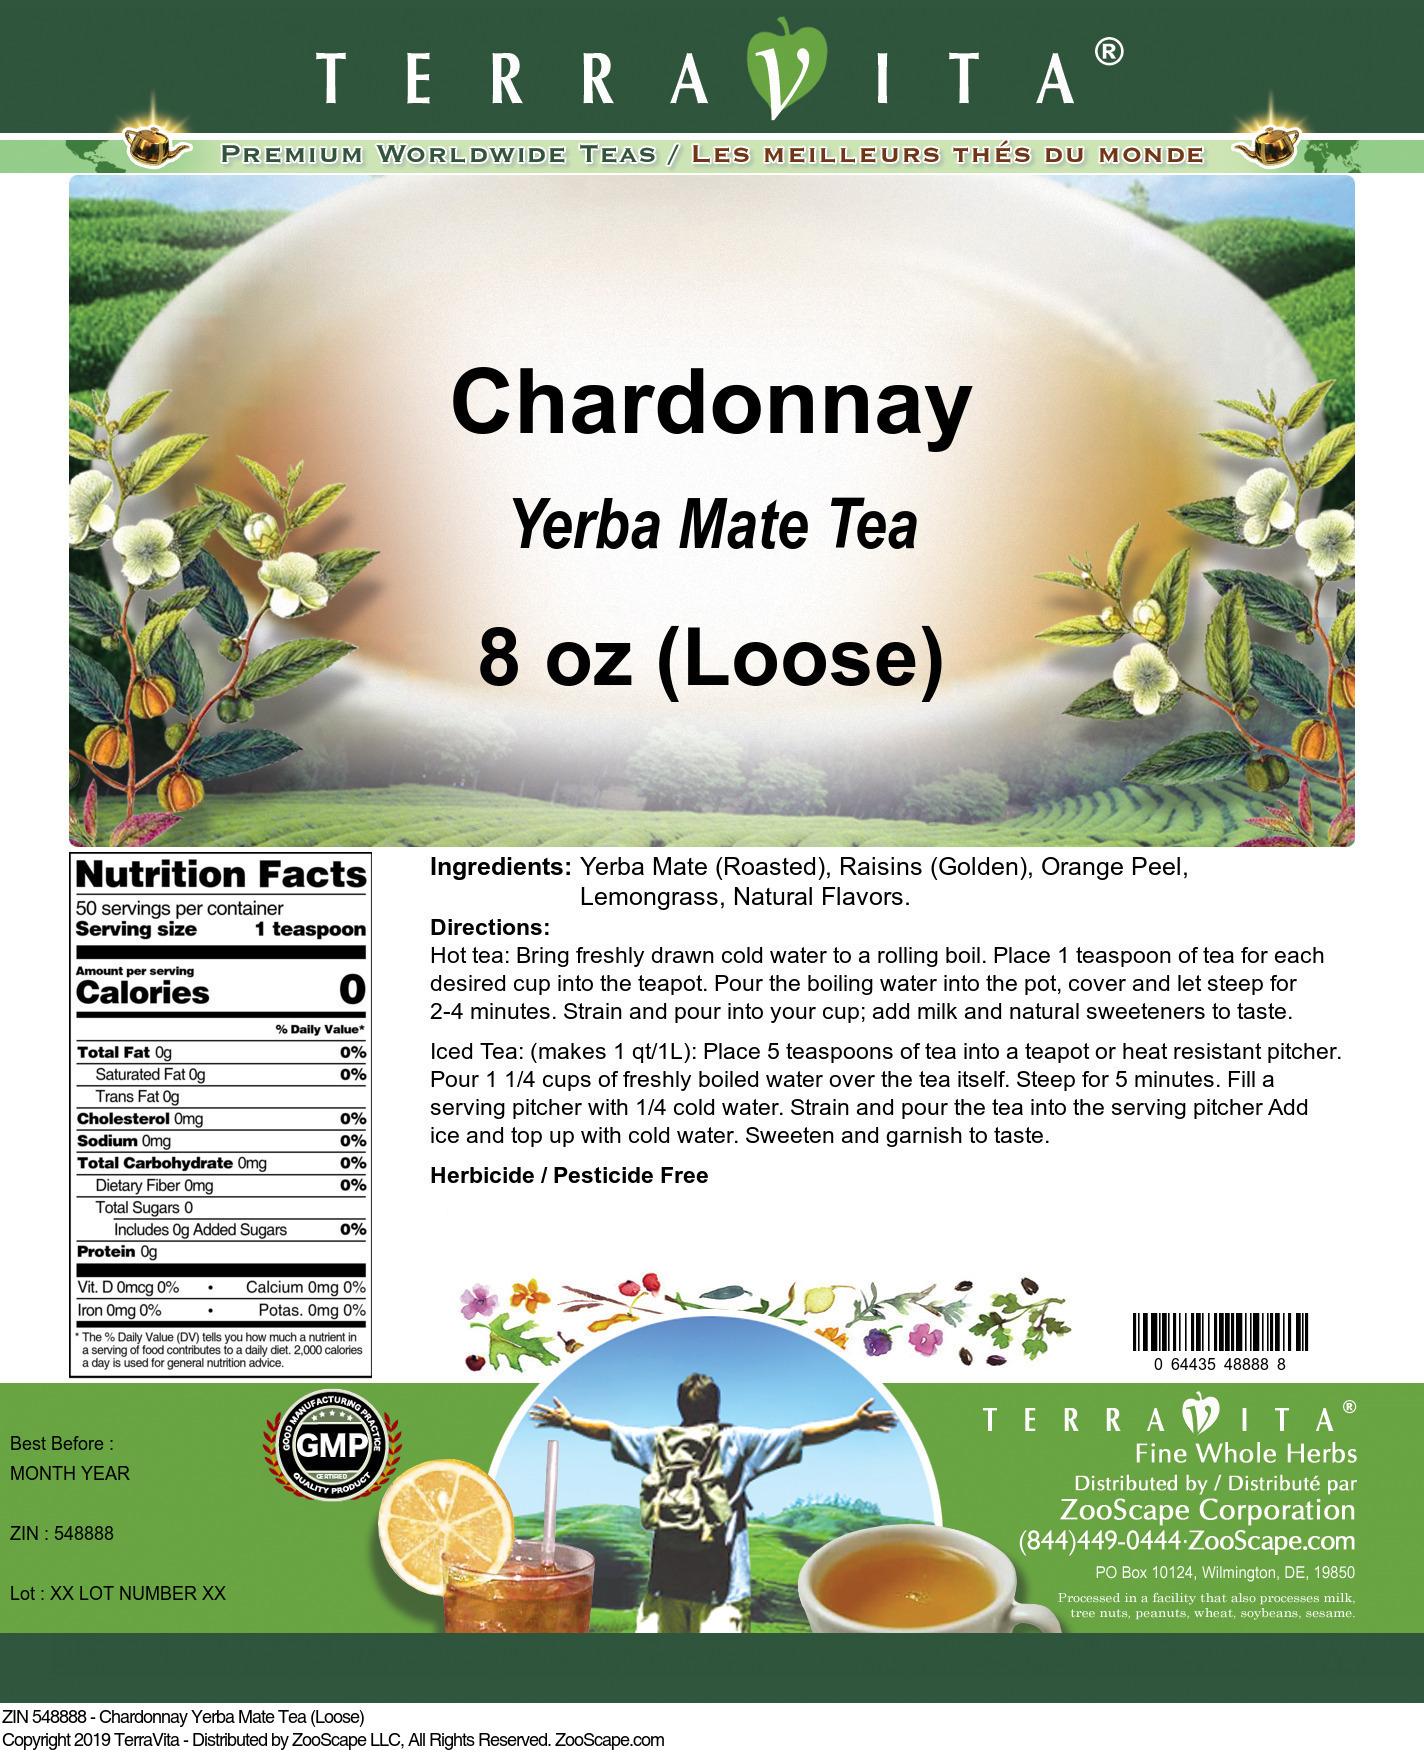 Chardonnay Yerba Mate Tea (Loose)